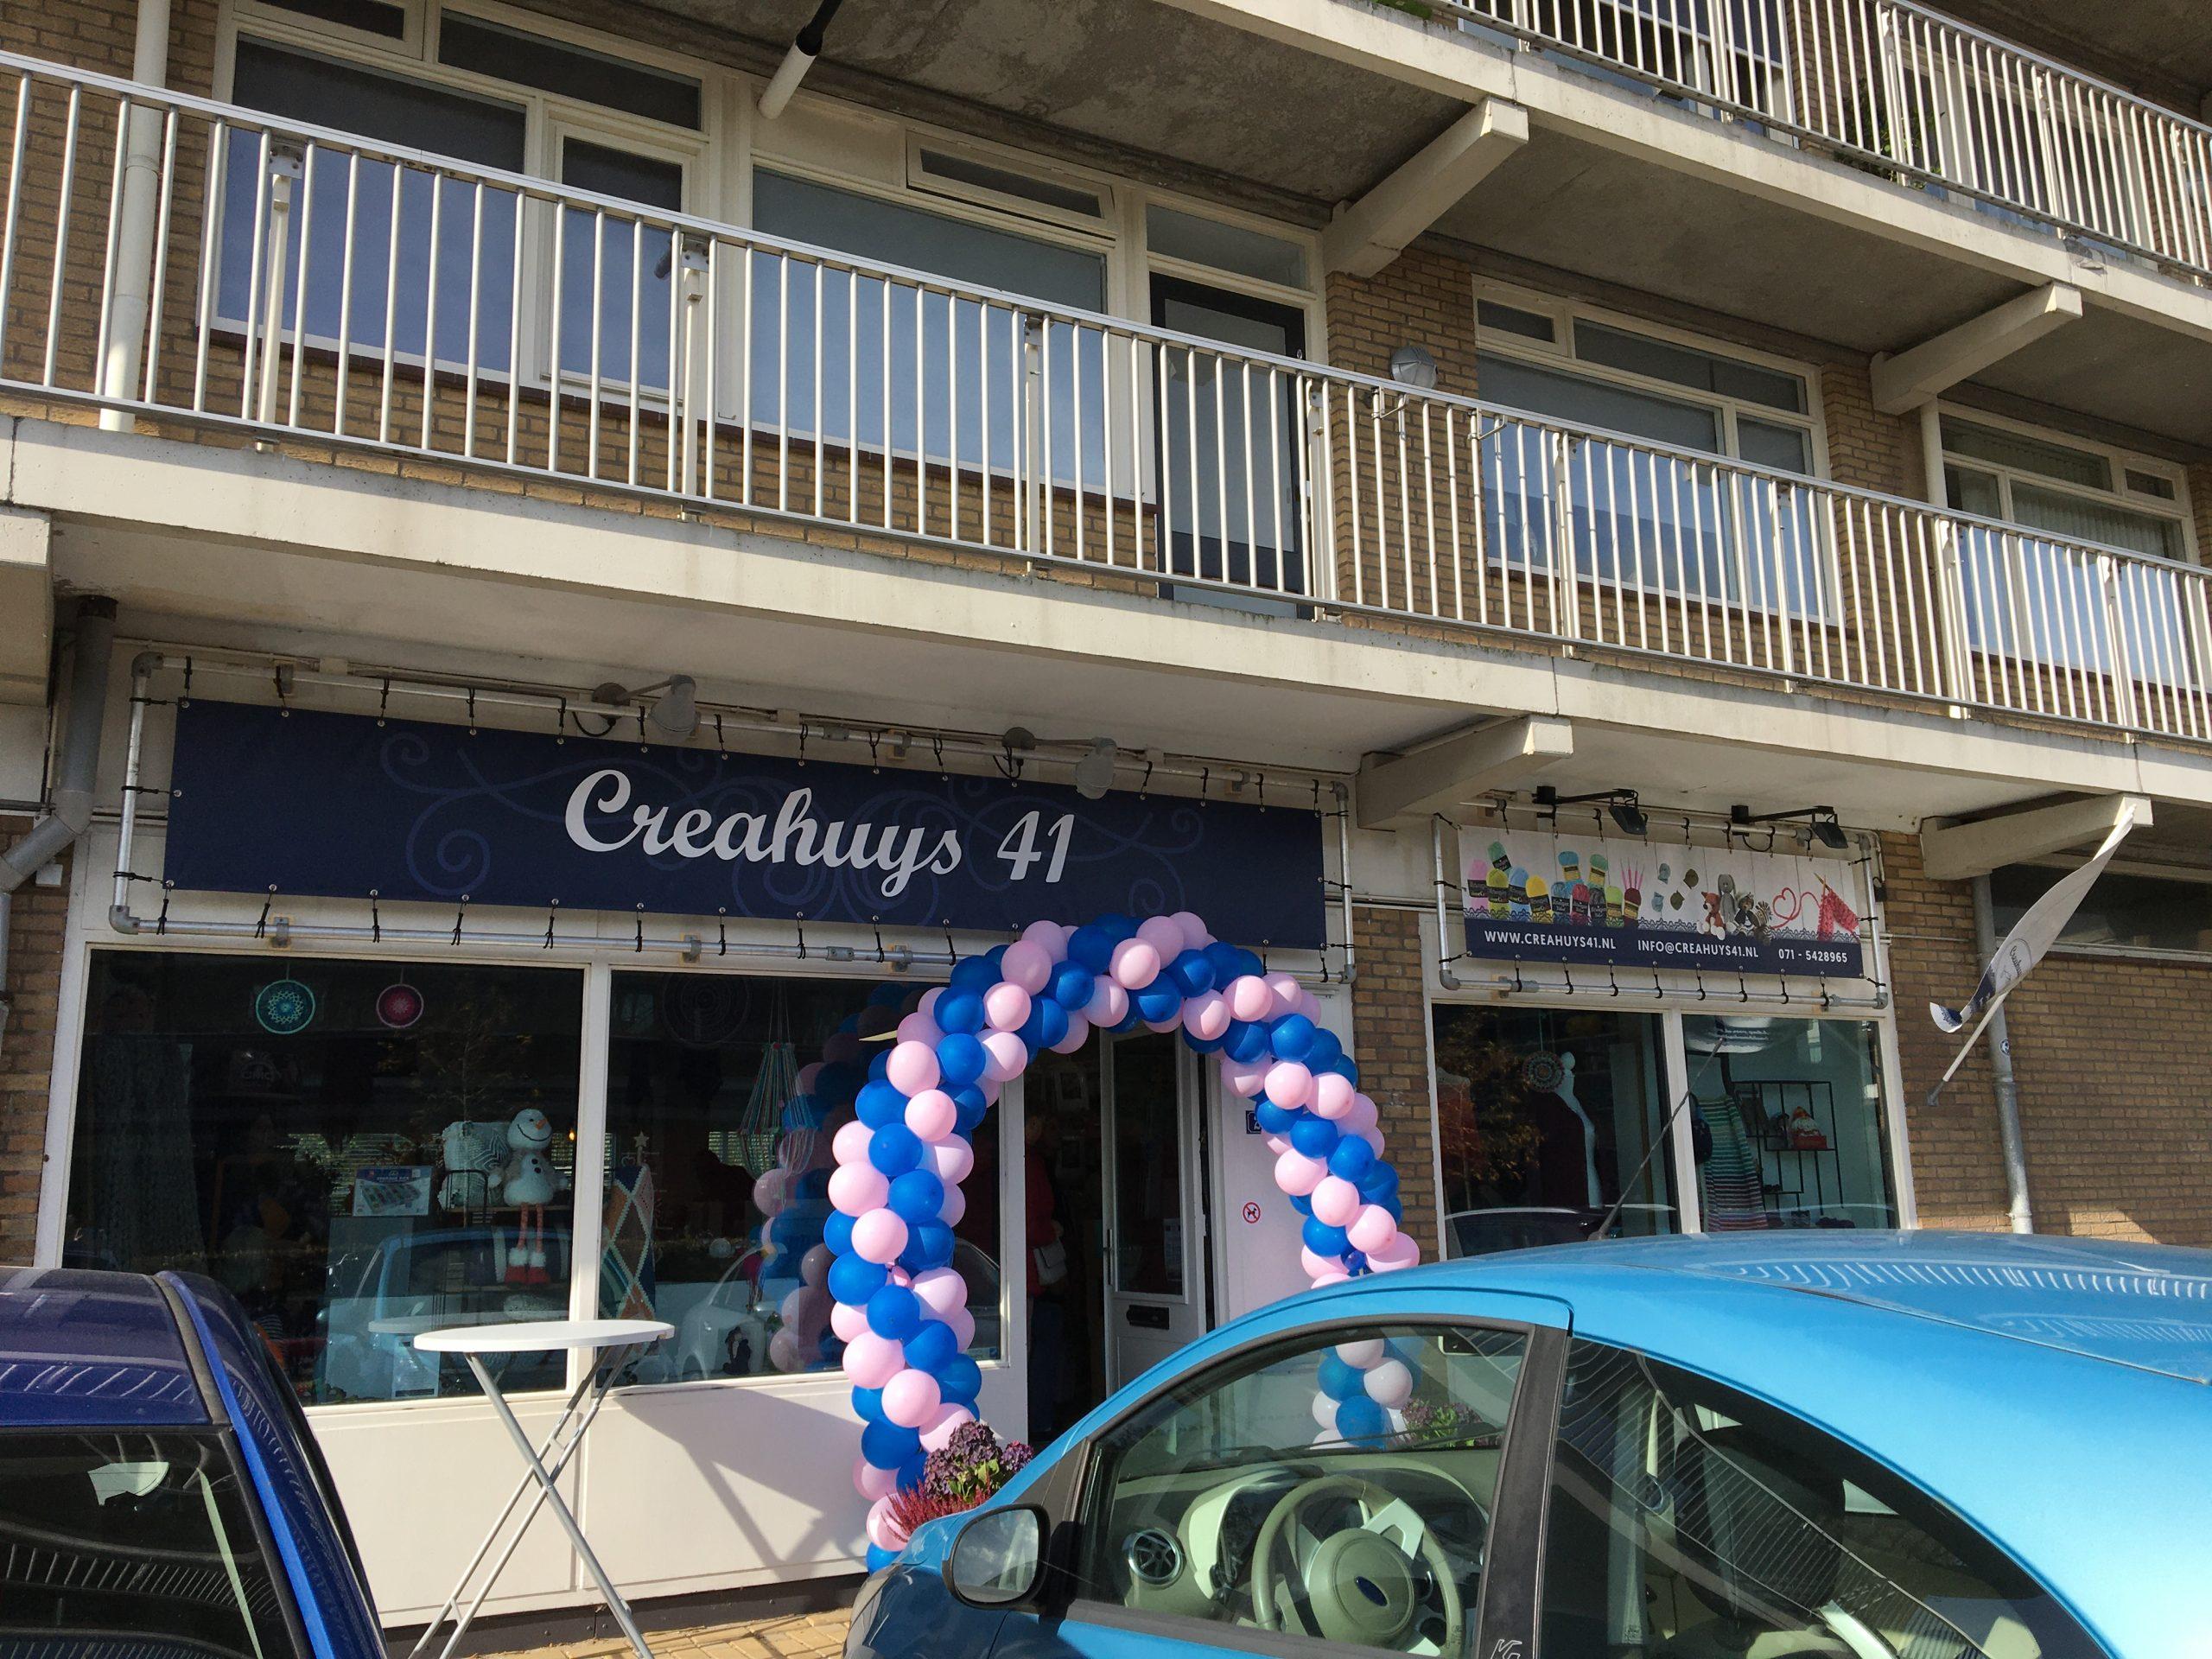 Nieuw winkelpand Creahuys 41